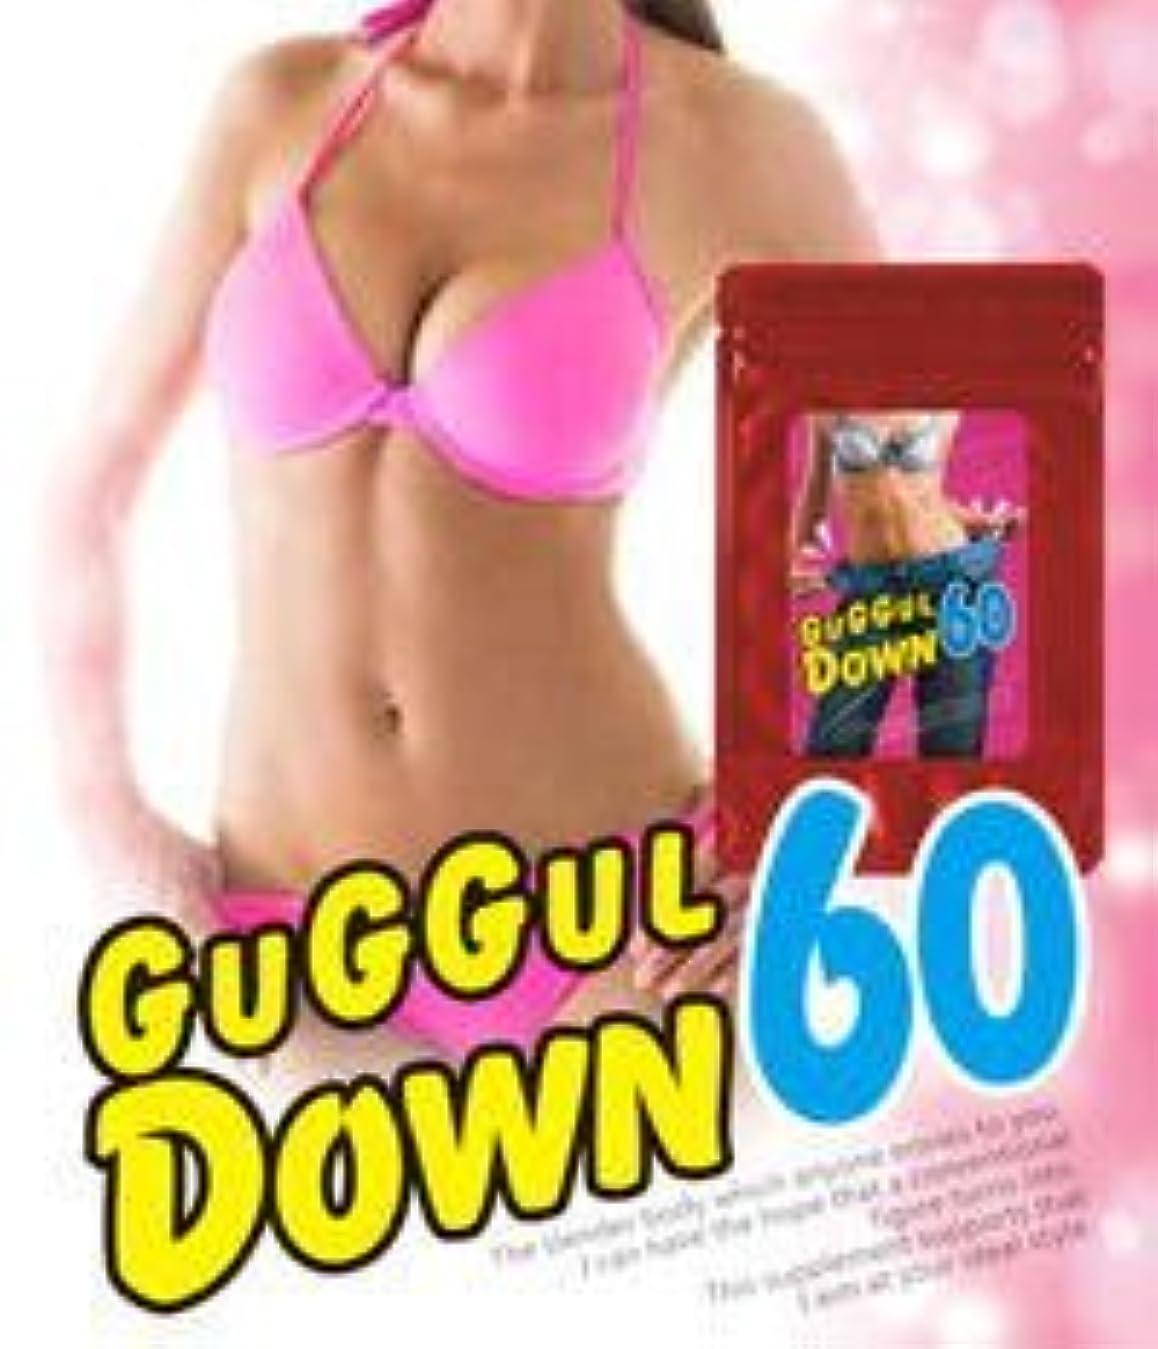 推測名誉あるレスリング★GUGGULDOWN60(ググルダウン60)  痩せたくて仕方がないと集まったモニター全員が1ヵ月絶たずつぎつぎと飲用を中断!